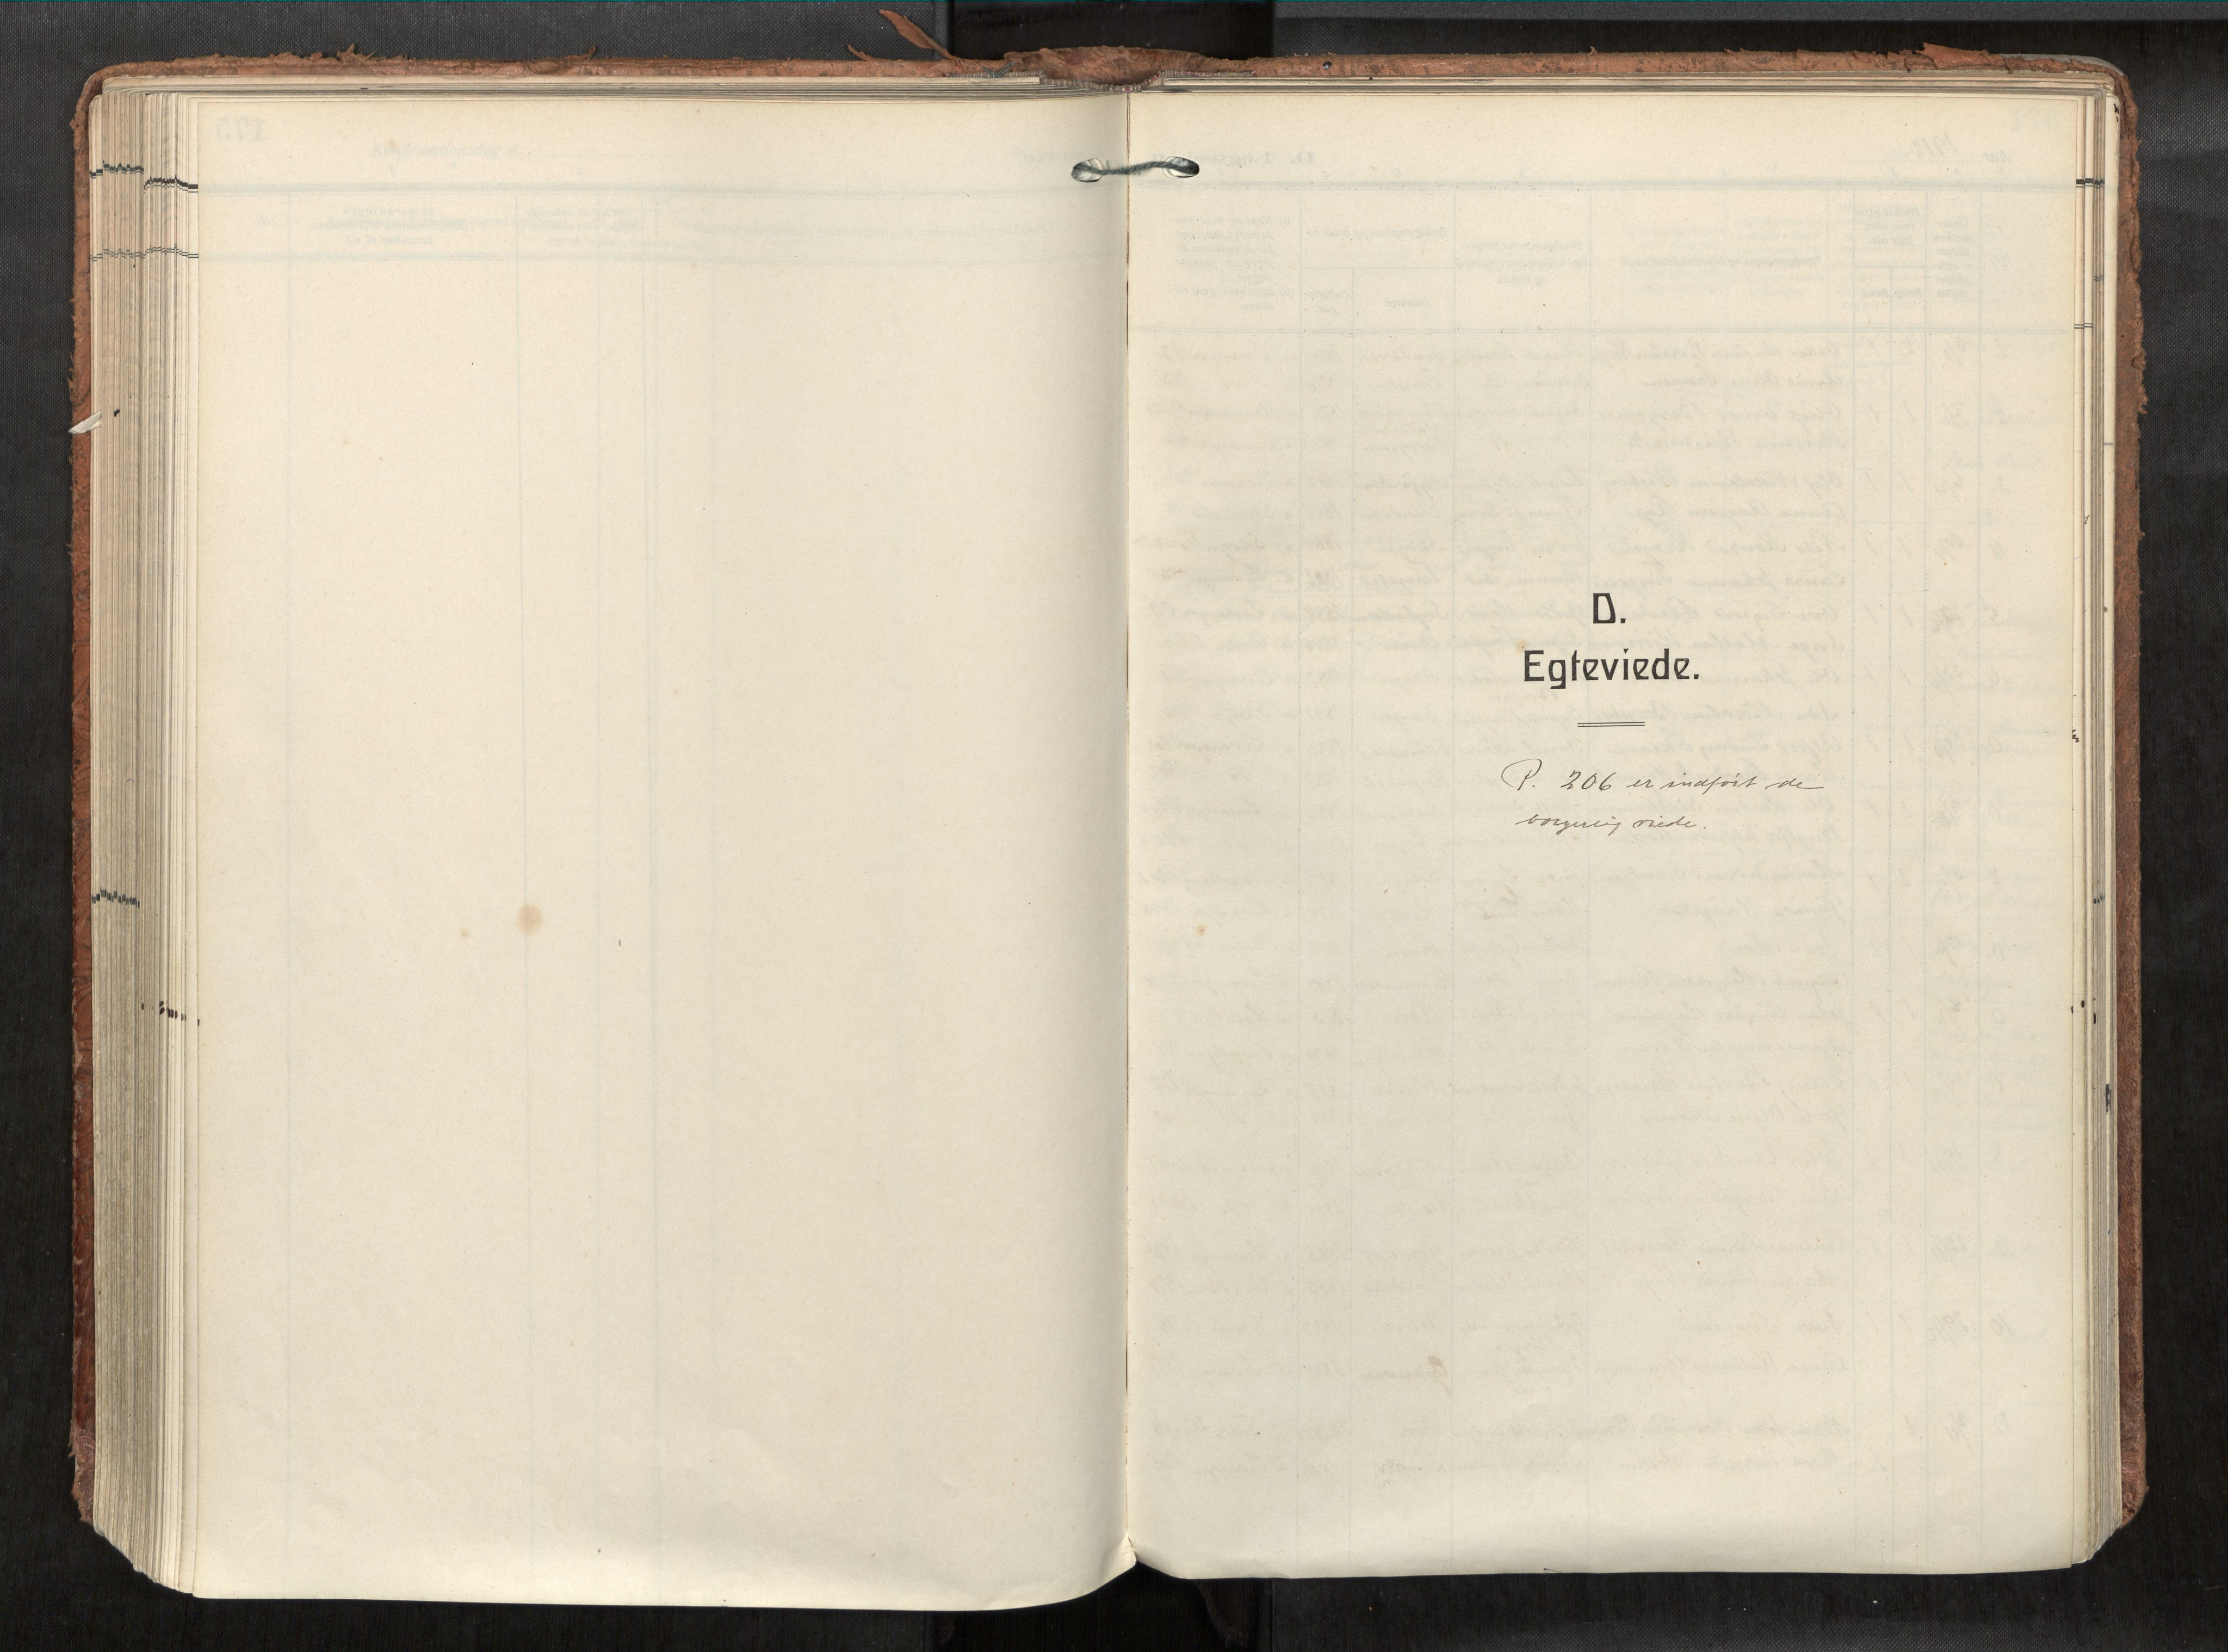 SAT, Levanger sokneprestkontor*, Ministerialbok nr. 1, 1912-1935